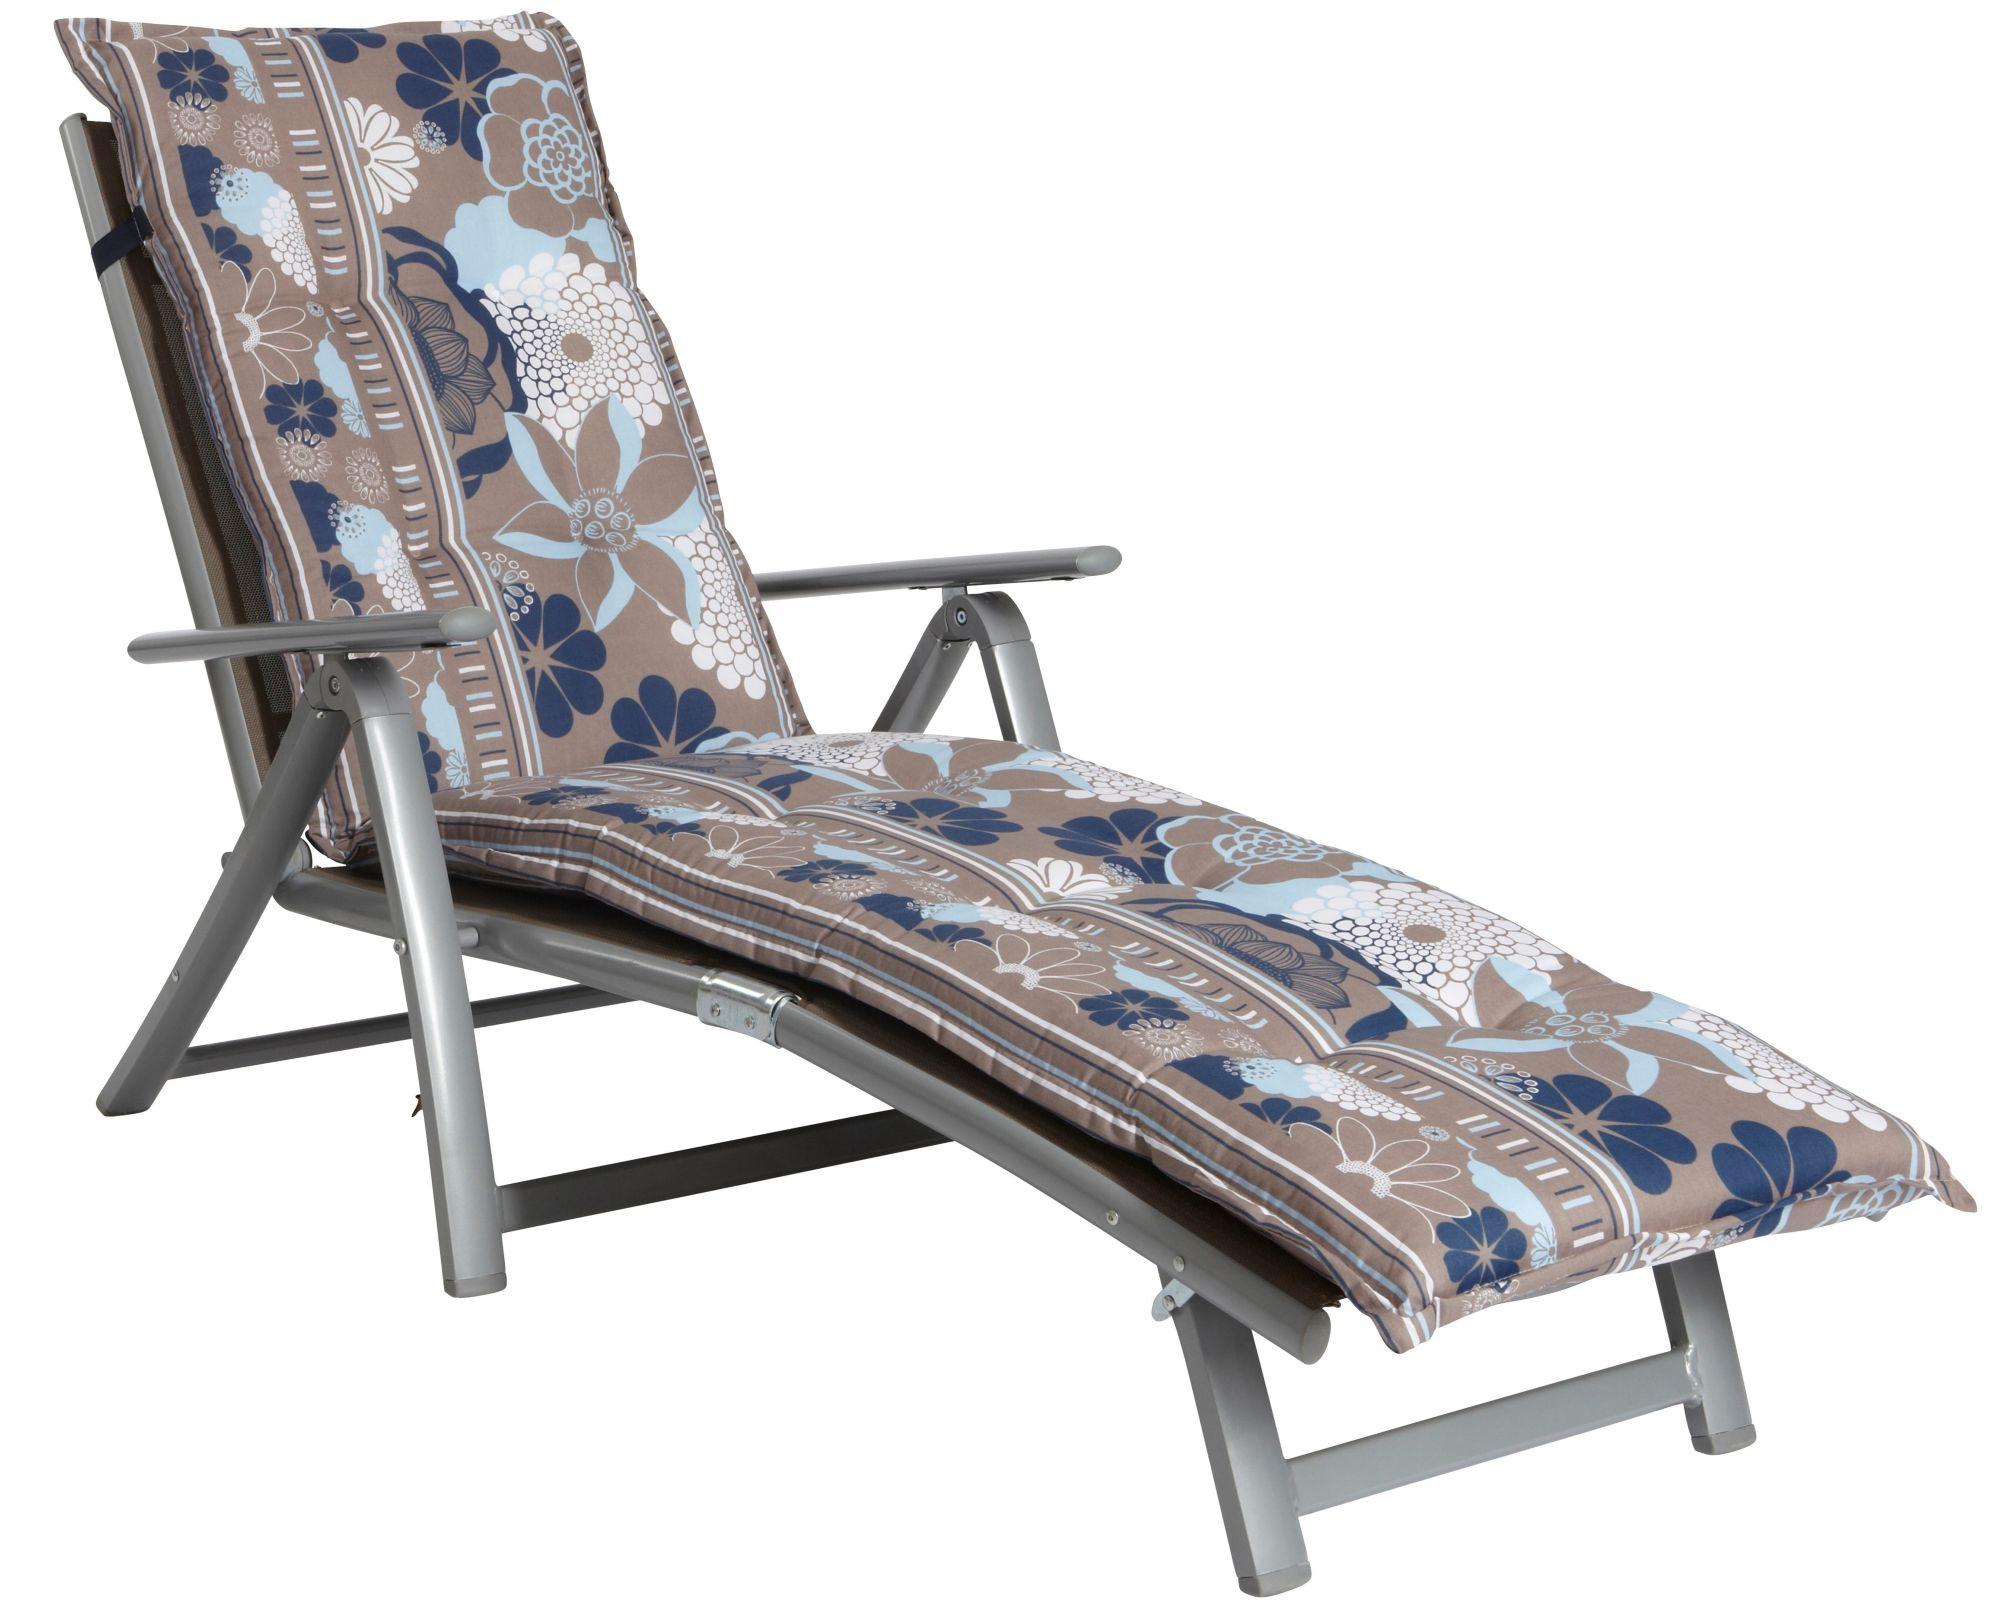 GO DE Go-De Liegenauflage »Amalfi«, (L/B): ca. 190x50 cm